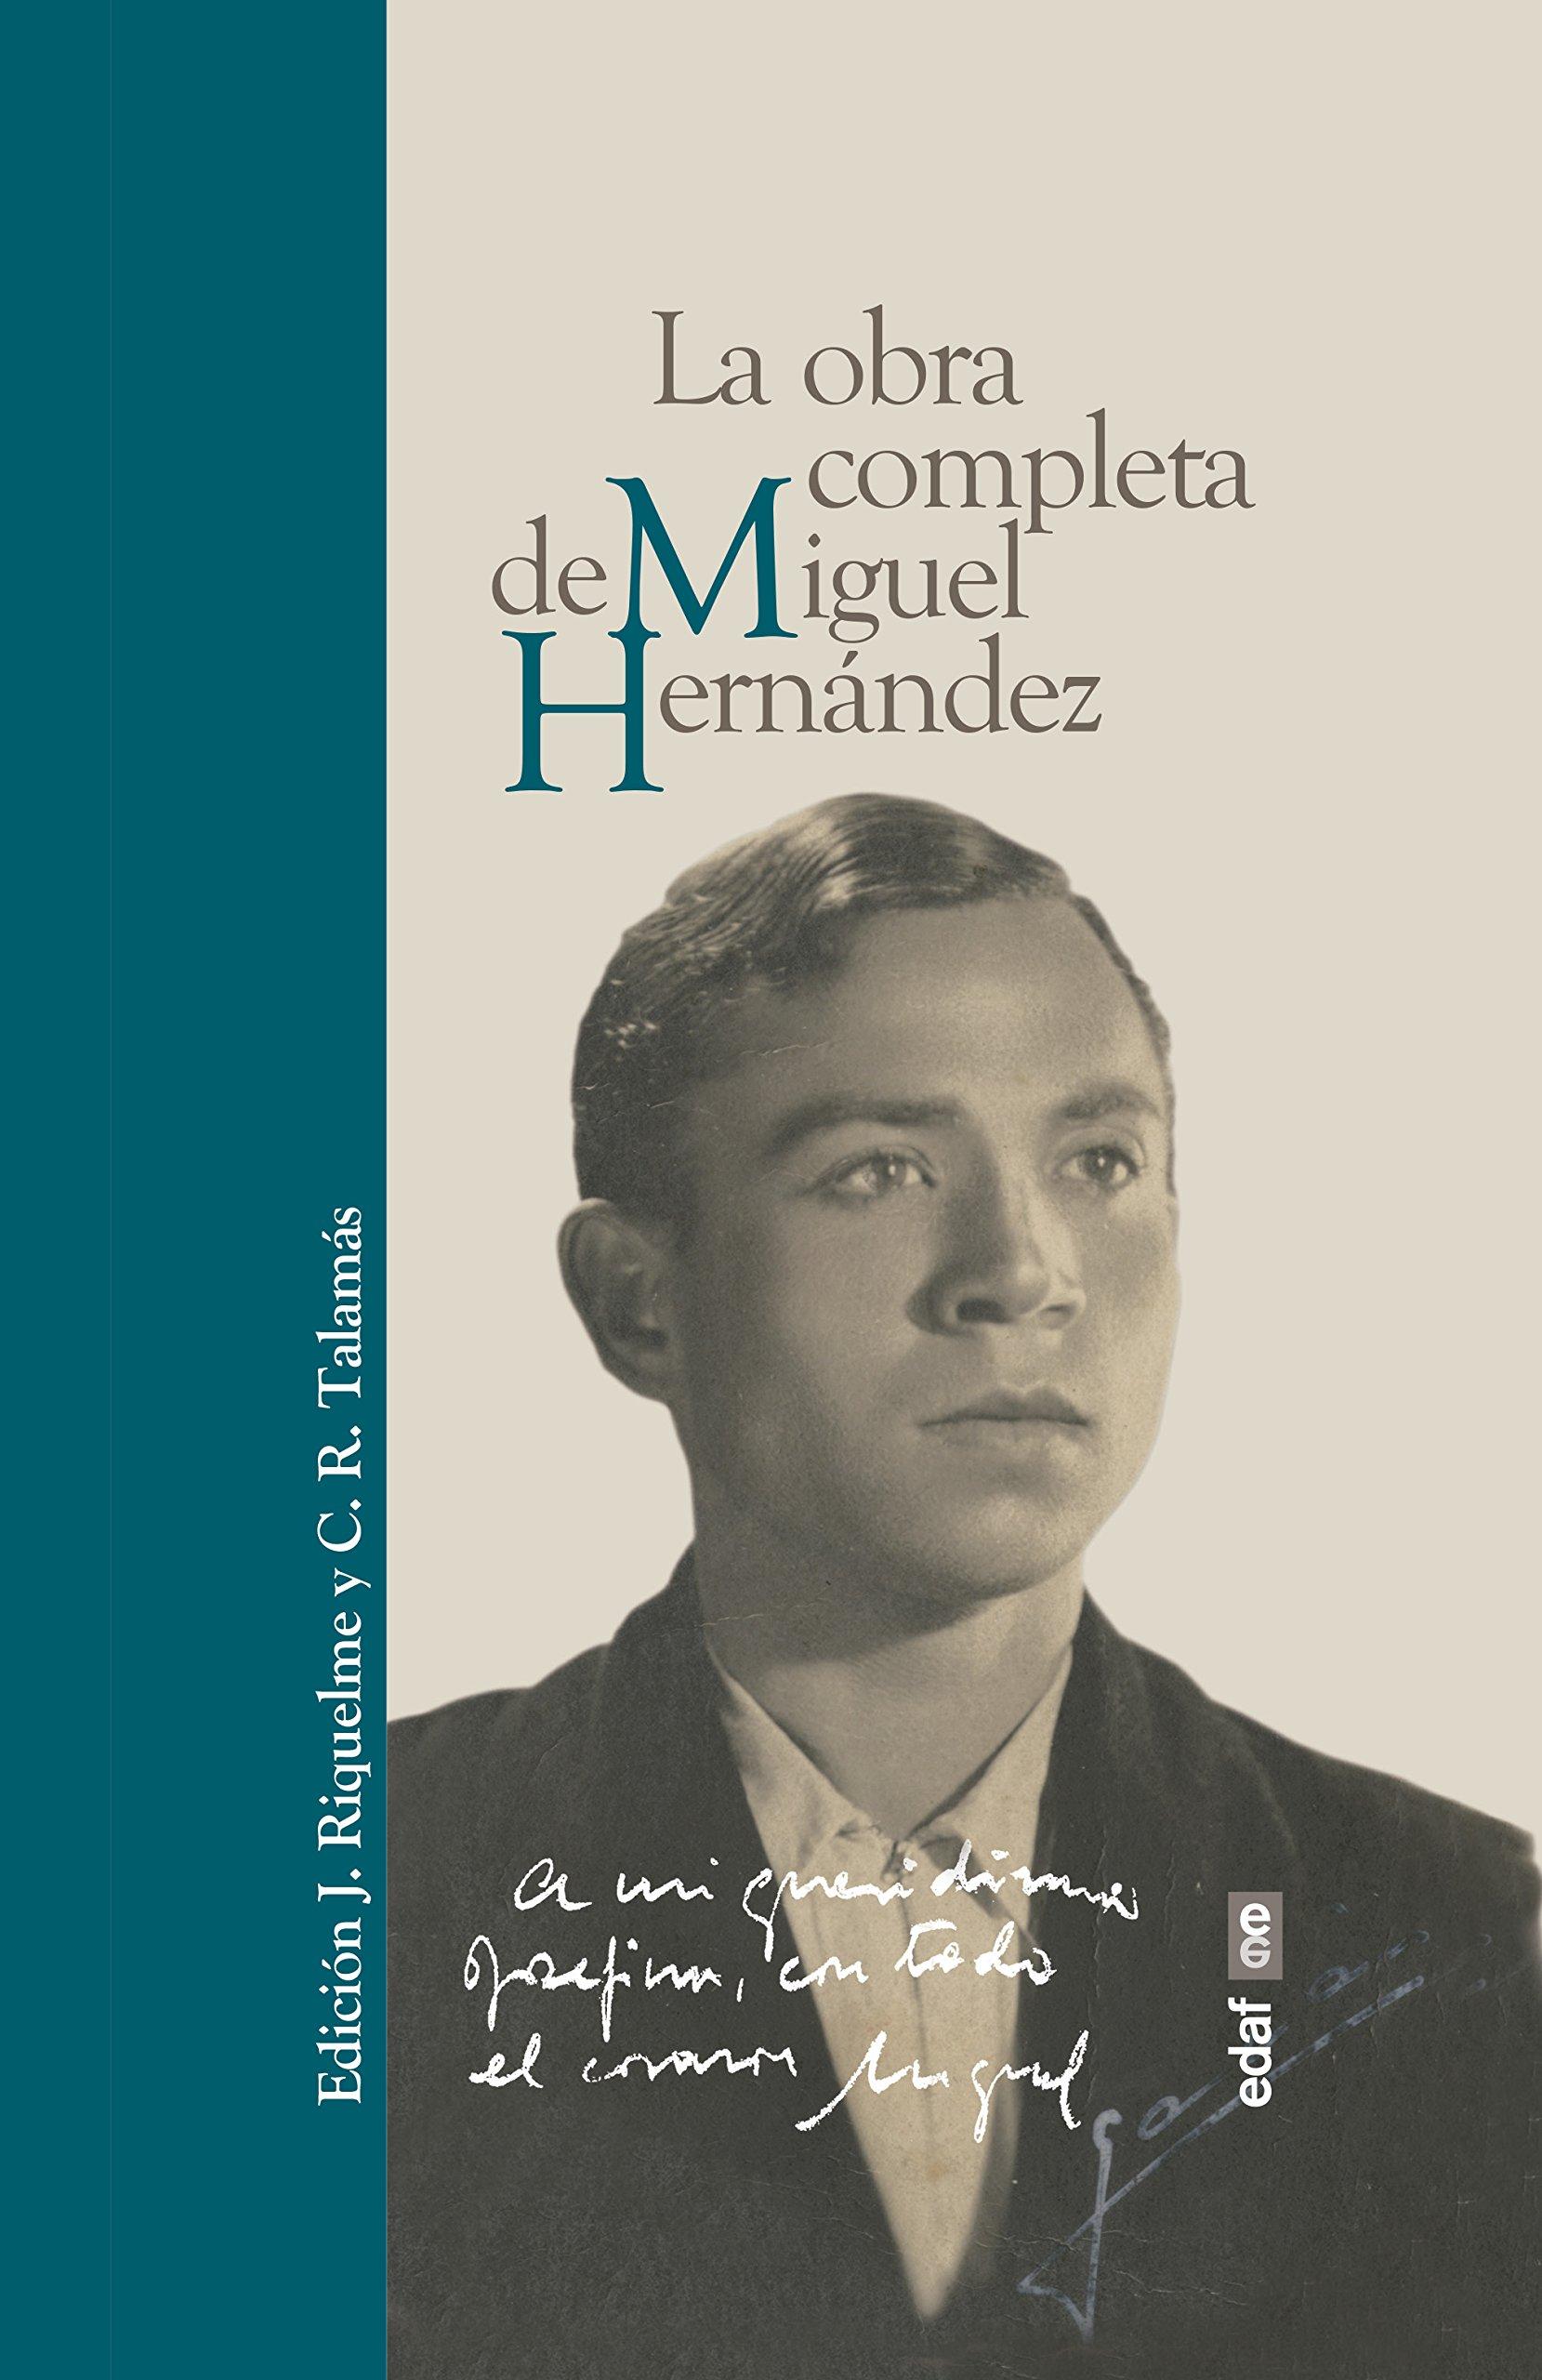 La obra completa de Miguel Hernandez (Spanish Edition) ebook